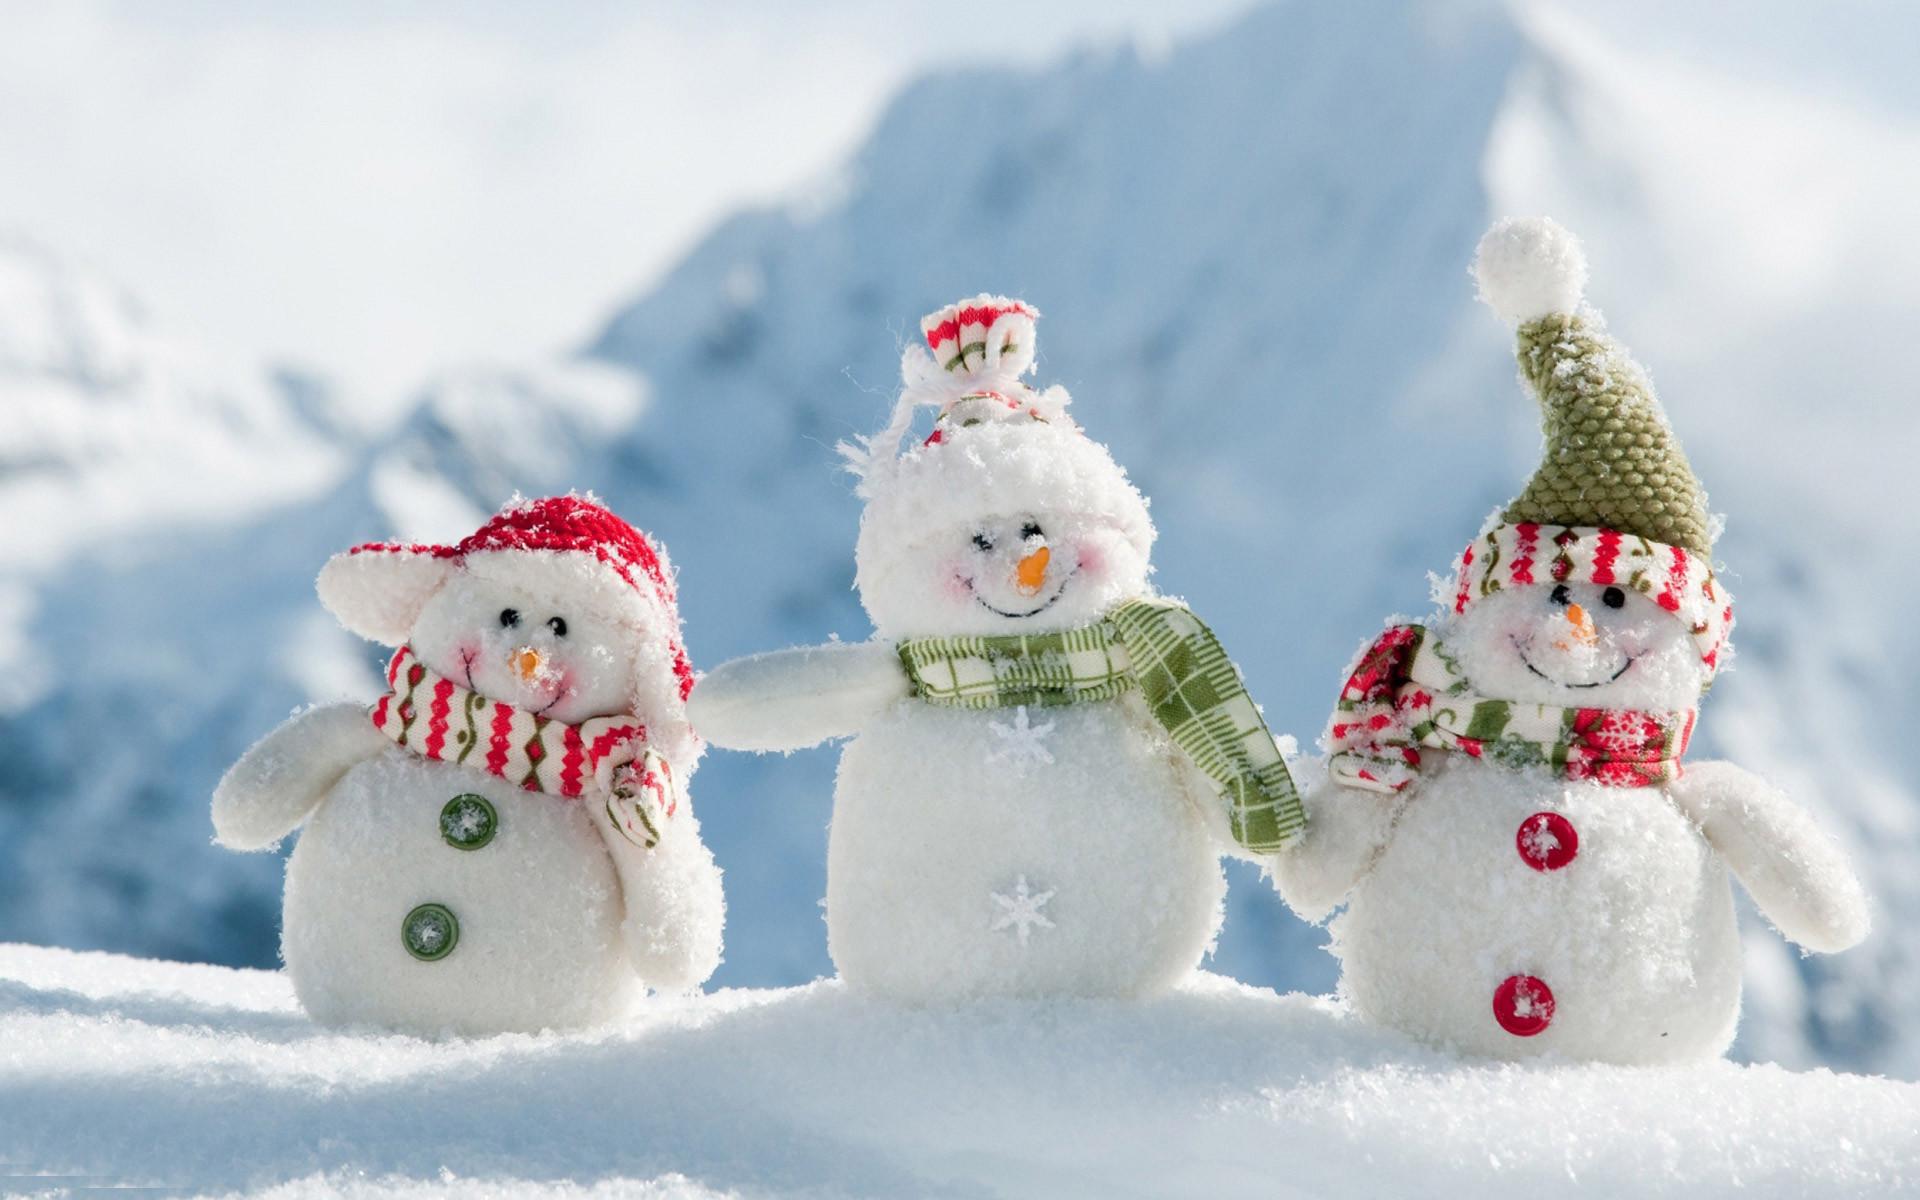 Country Snowman Desktop Wallpaper 1920x1200 px 5Z7Q8I1 1920x1200